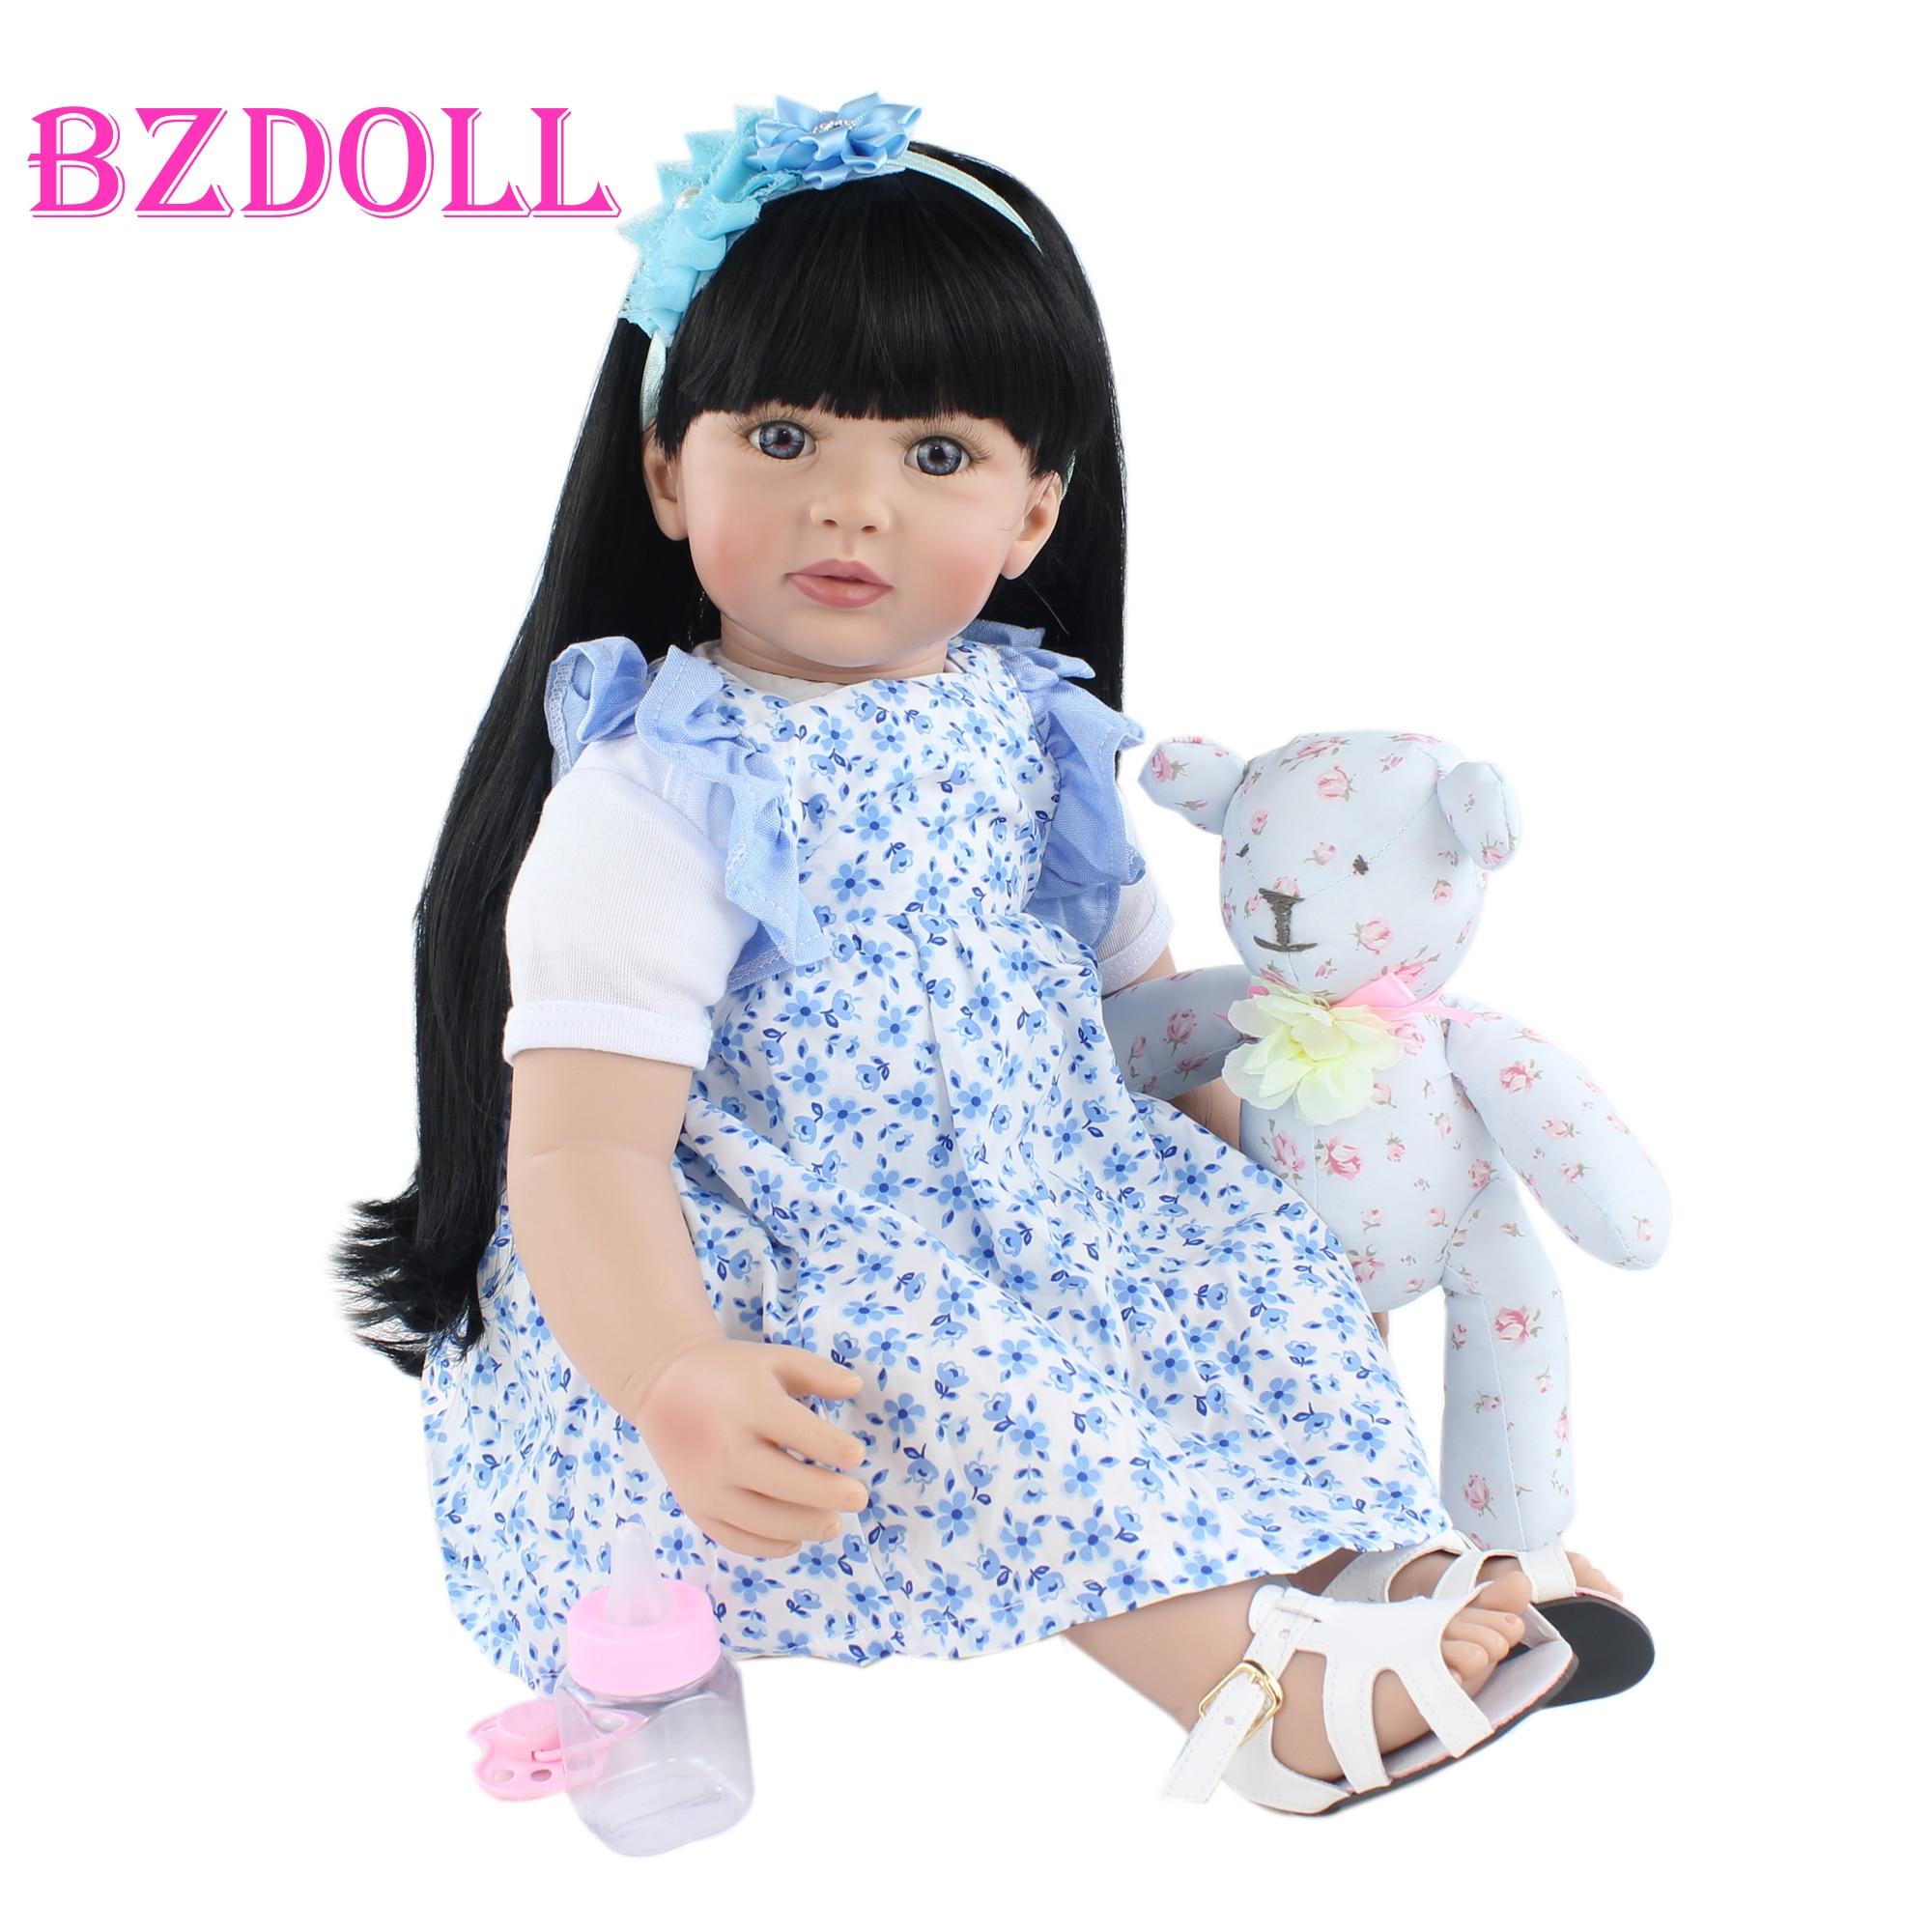 60cm Weichen Silikon Reborn Kleinkind Puppe Spielzeug Für Mädchen Tuch Körper Schwarz Lange Haar Prinzessin Baby Kinder Geburtstag Geschenk spielen Haus